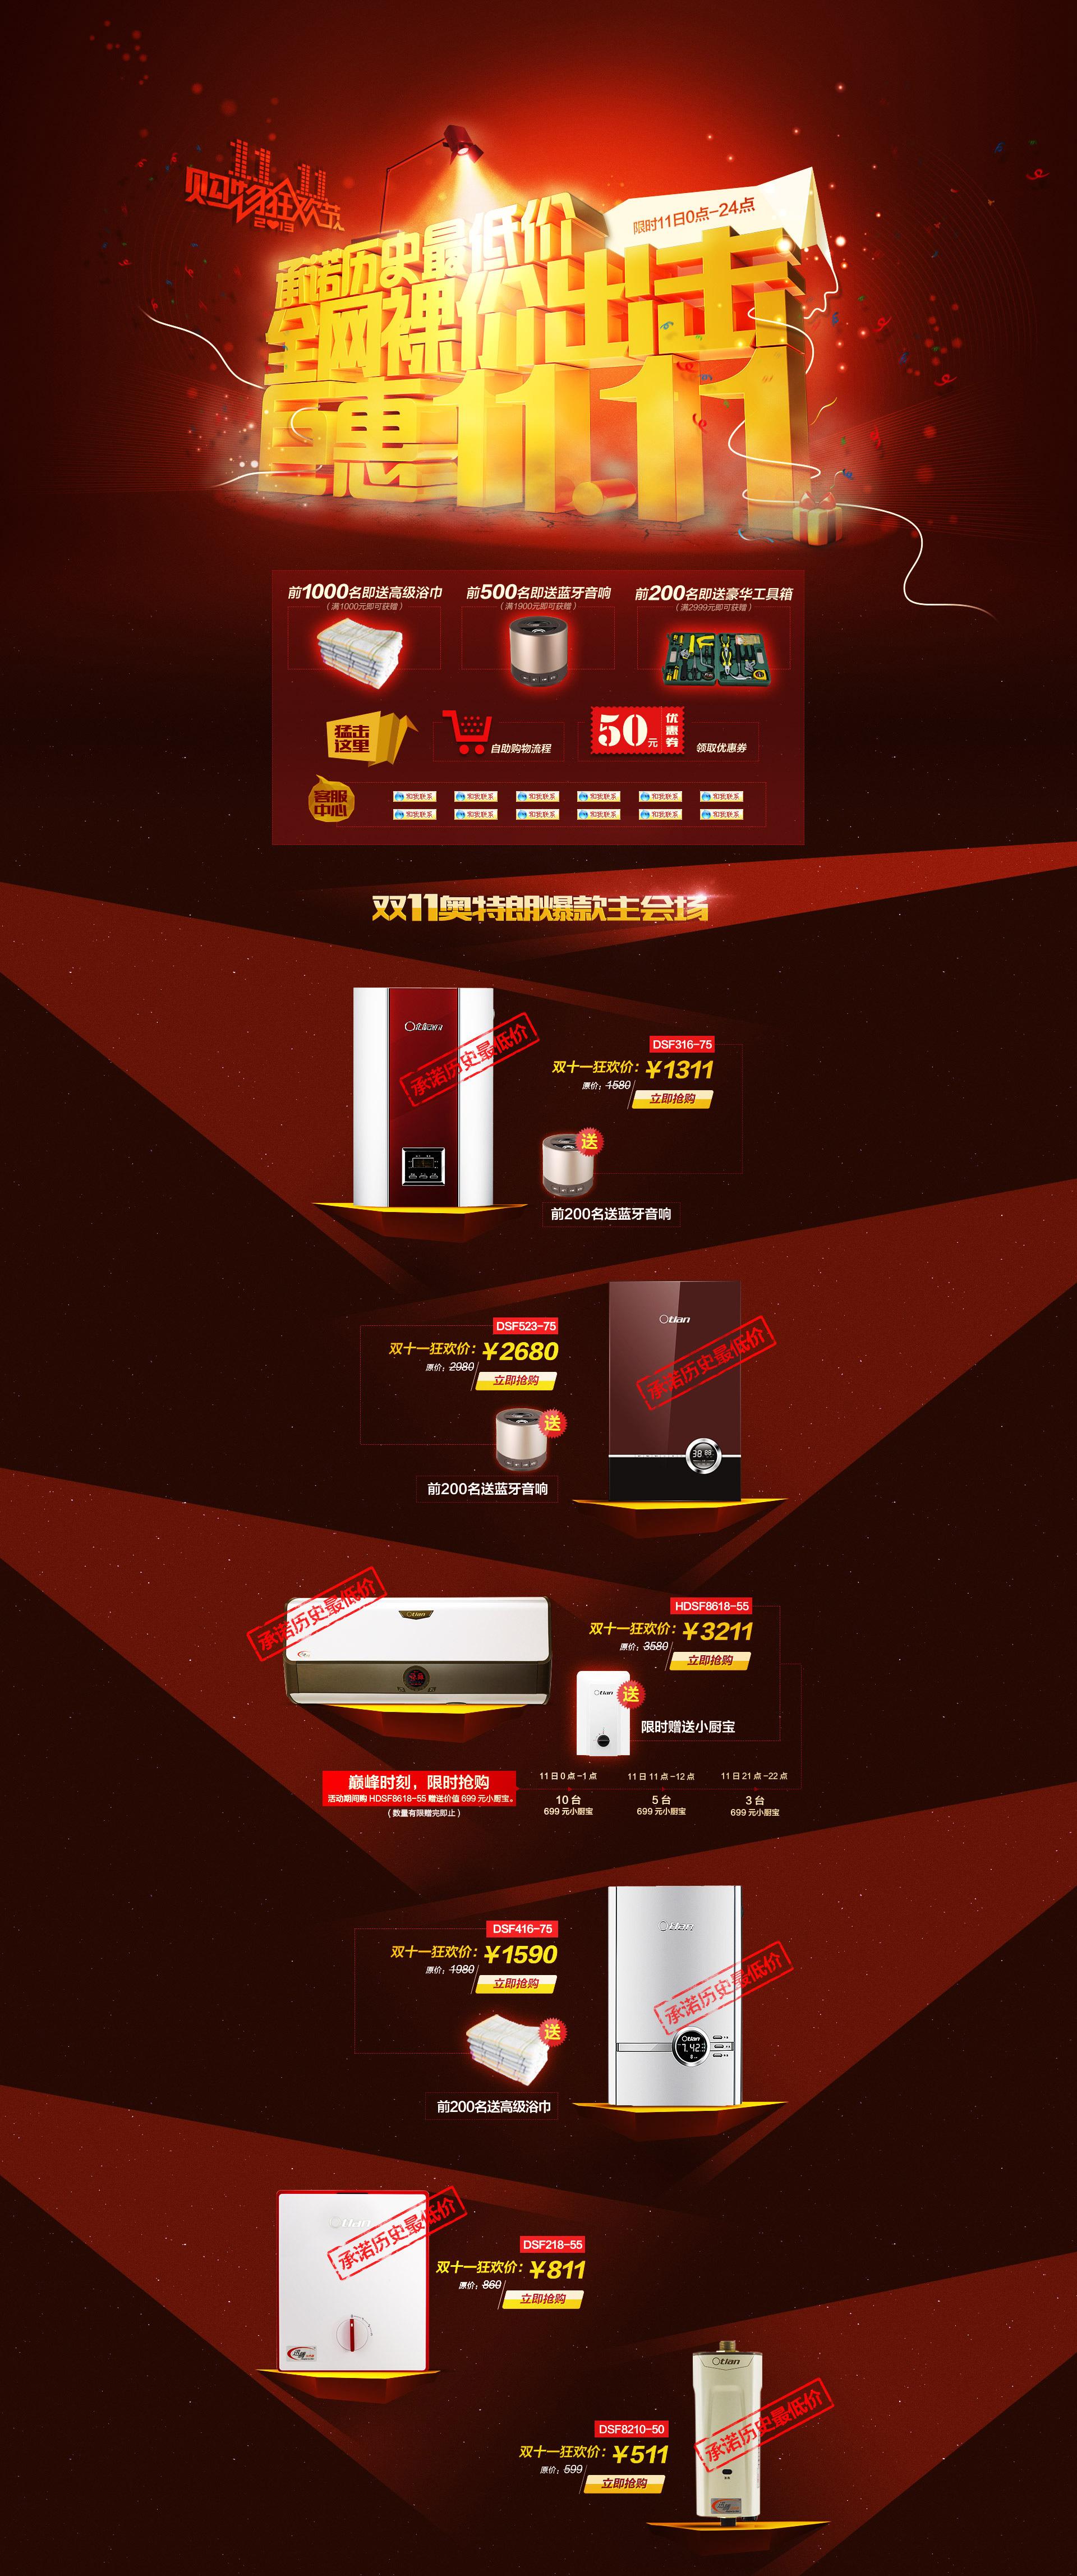 双十一活动首页设计|网页|电商|kon7 - 原创作品